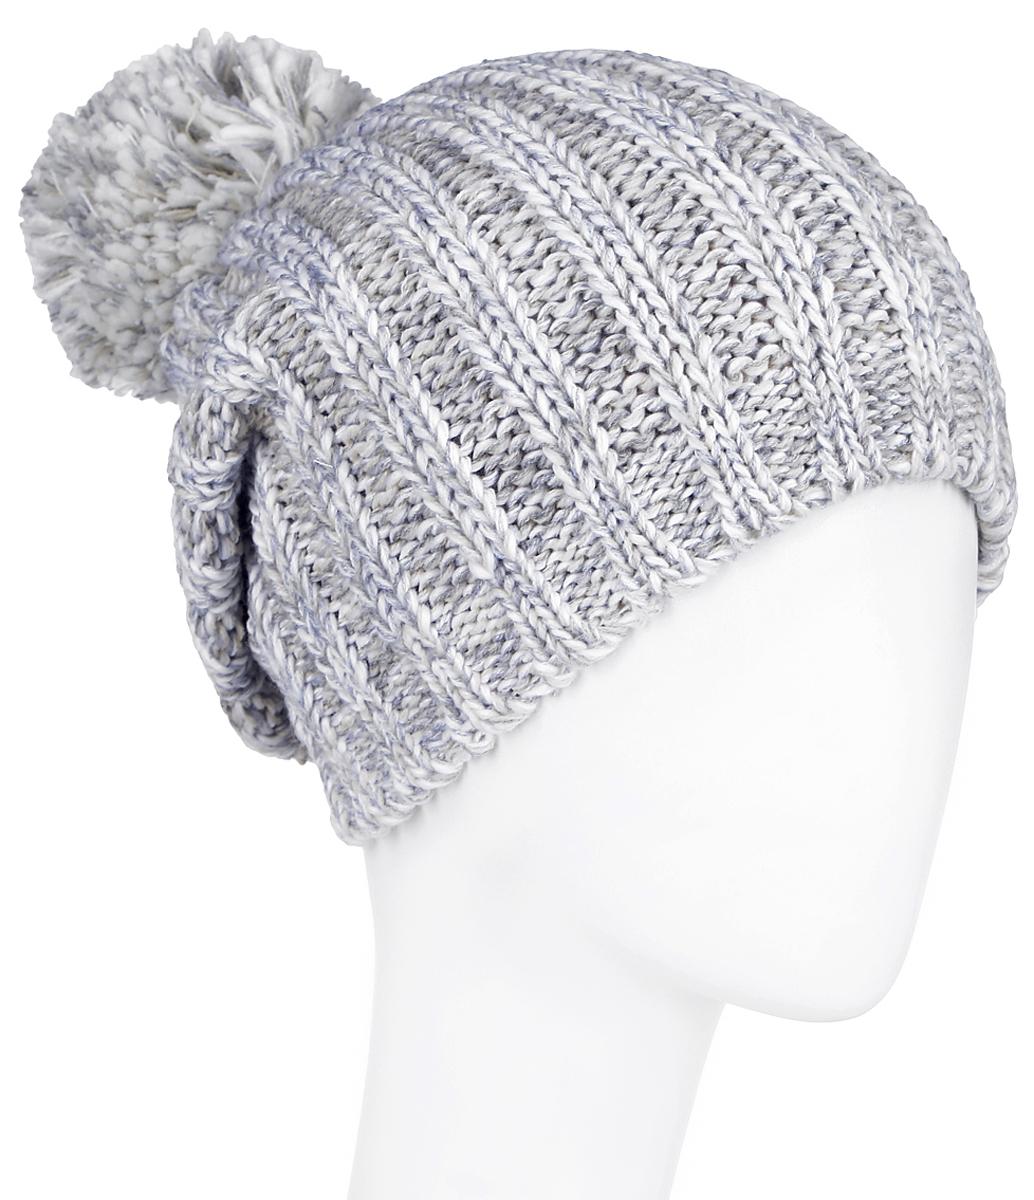 A16-32121_201Стильная женская шапка Finn Flare дополнит ваш наряд и не позволит вам замерзнуть в холодное время года. Шапка выполнена из высококачественной, комбинированной пряжи, что позволяет ей великолепно сохранять тепло и обеспечивает высокую эластичность и удобство посадки. Изделие дополнено теплой флисовой подкладкой. Модель с удлиненной макушкой оформлена оригинальным узором и дополнена пушистым помпоном. Такая шапка станет модным и стильным дополнением вашего гардероба. Она согреет вас и позволит подчеркнуть свою индивидуальность! Уважаемые клиенты! Размер, доступный для заказа, является обхватом головы.